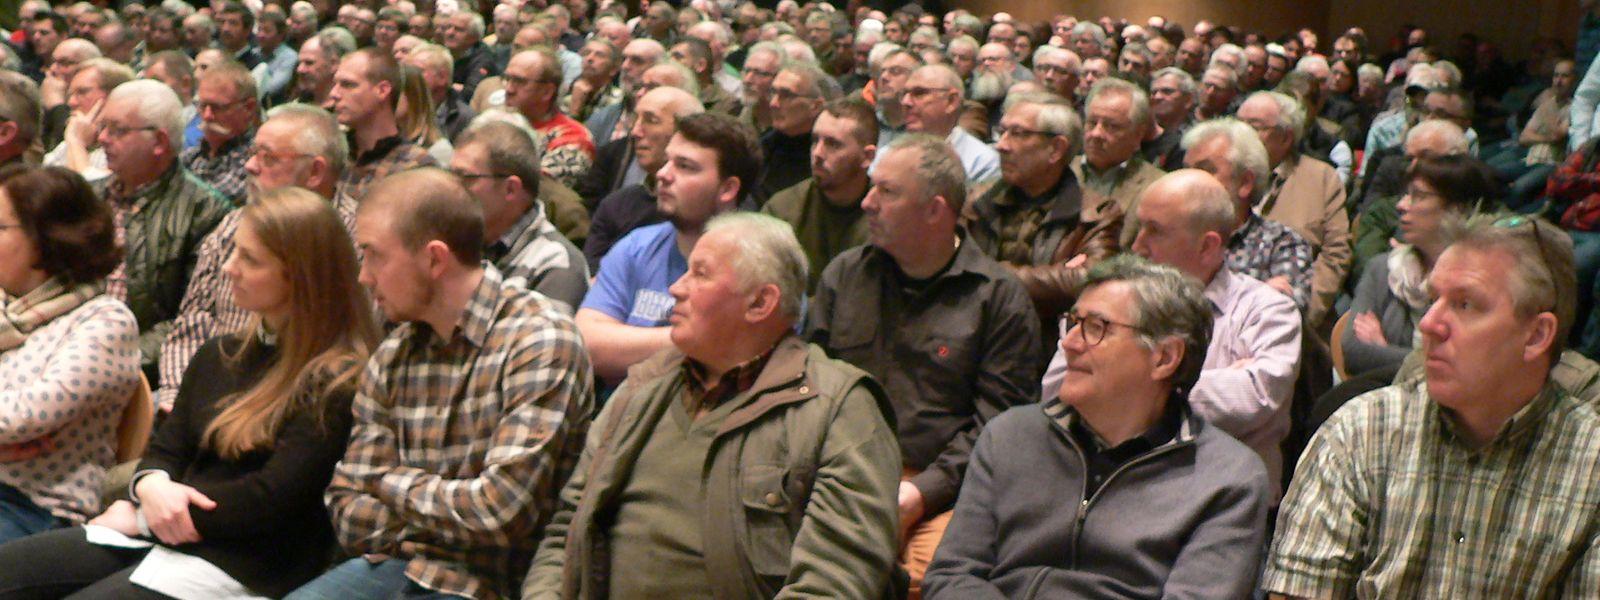 Mehr als 600 Jäger, Bauern und Grundeigentümer waren am Dienstagabend nach Mertzig gekommen, um den Forderungen der FSHCL zu lauschen und Nachdruck zu verleihen.